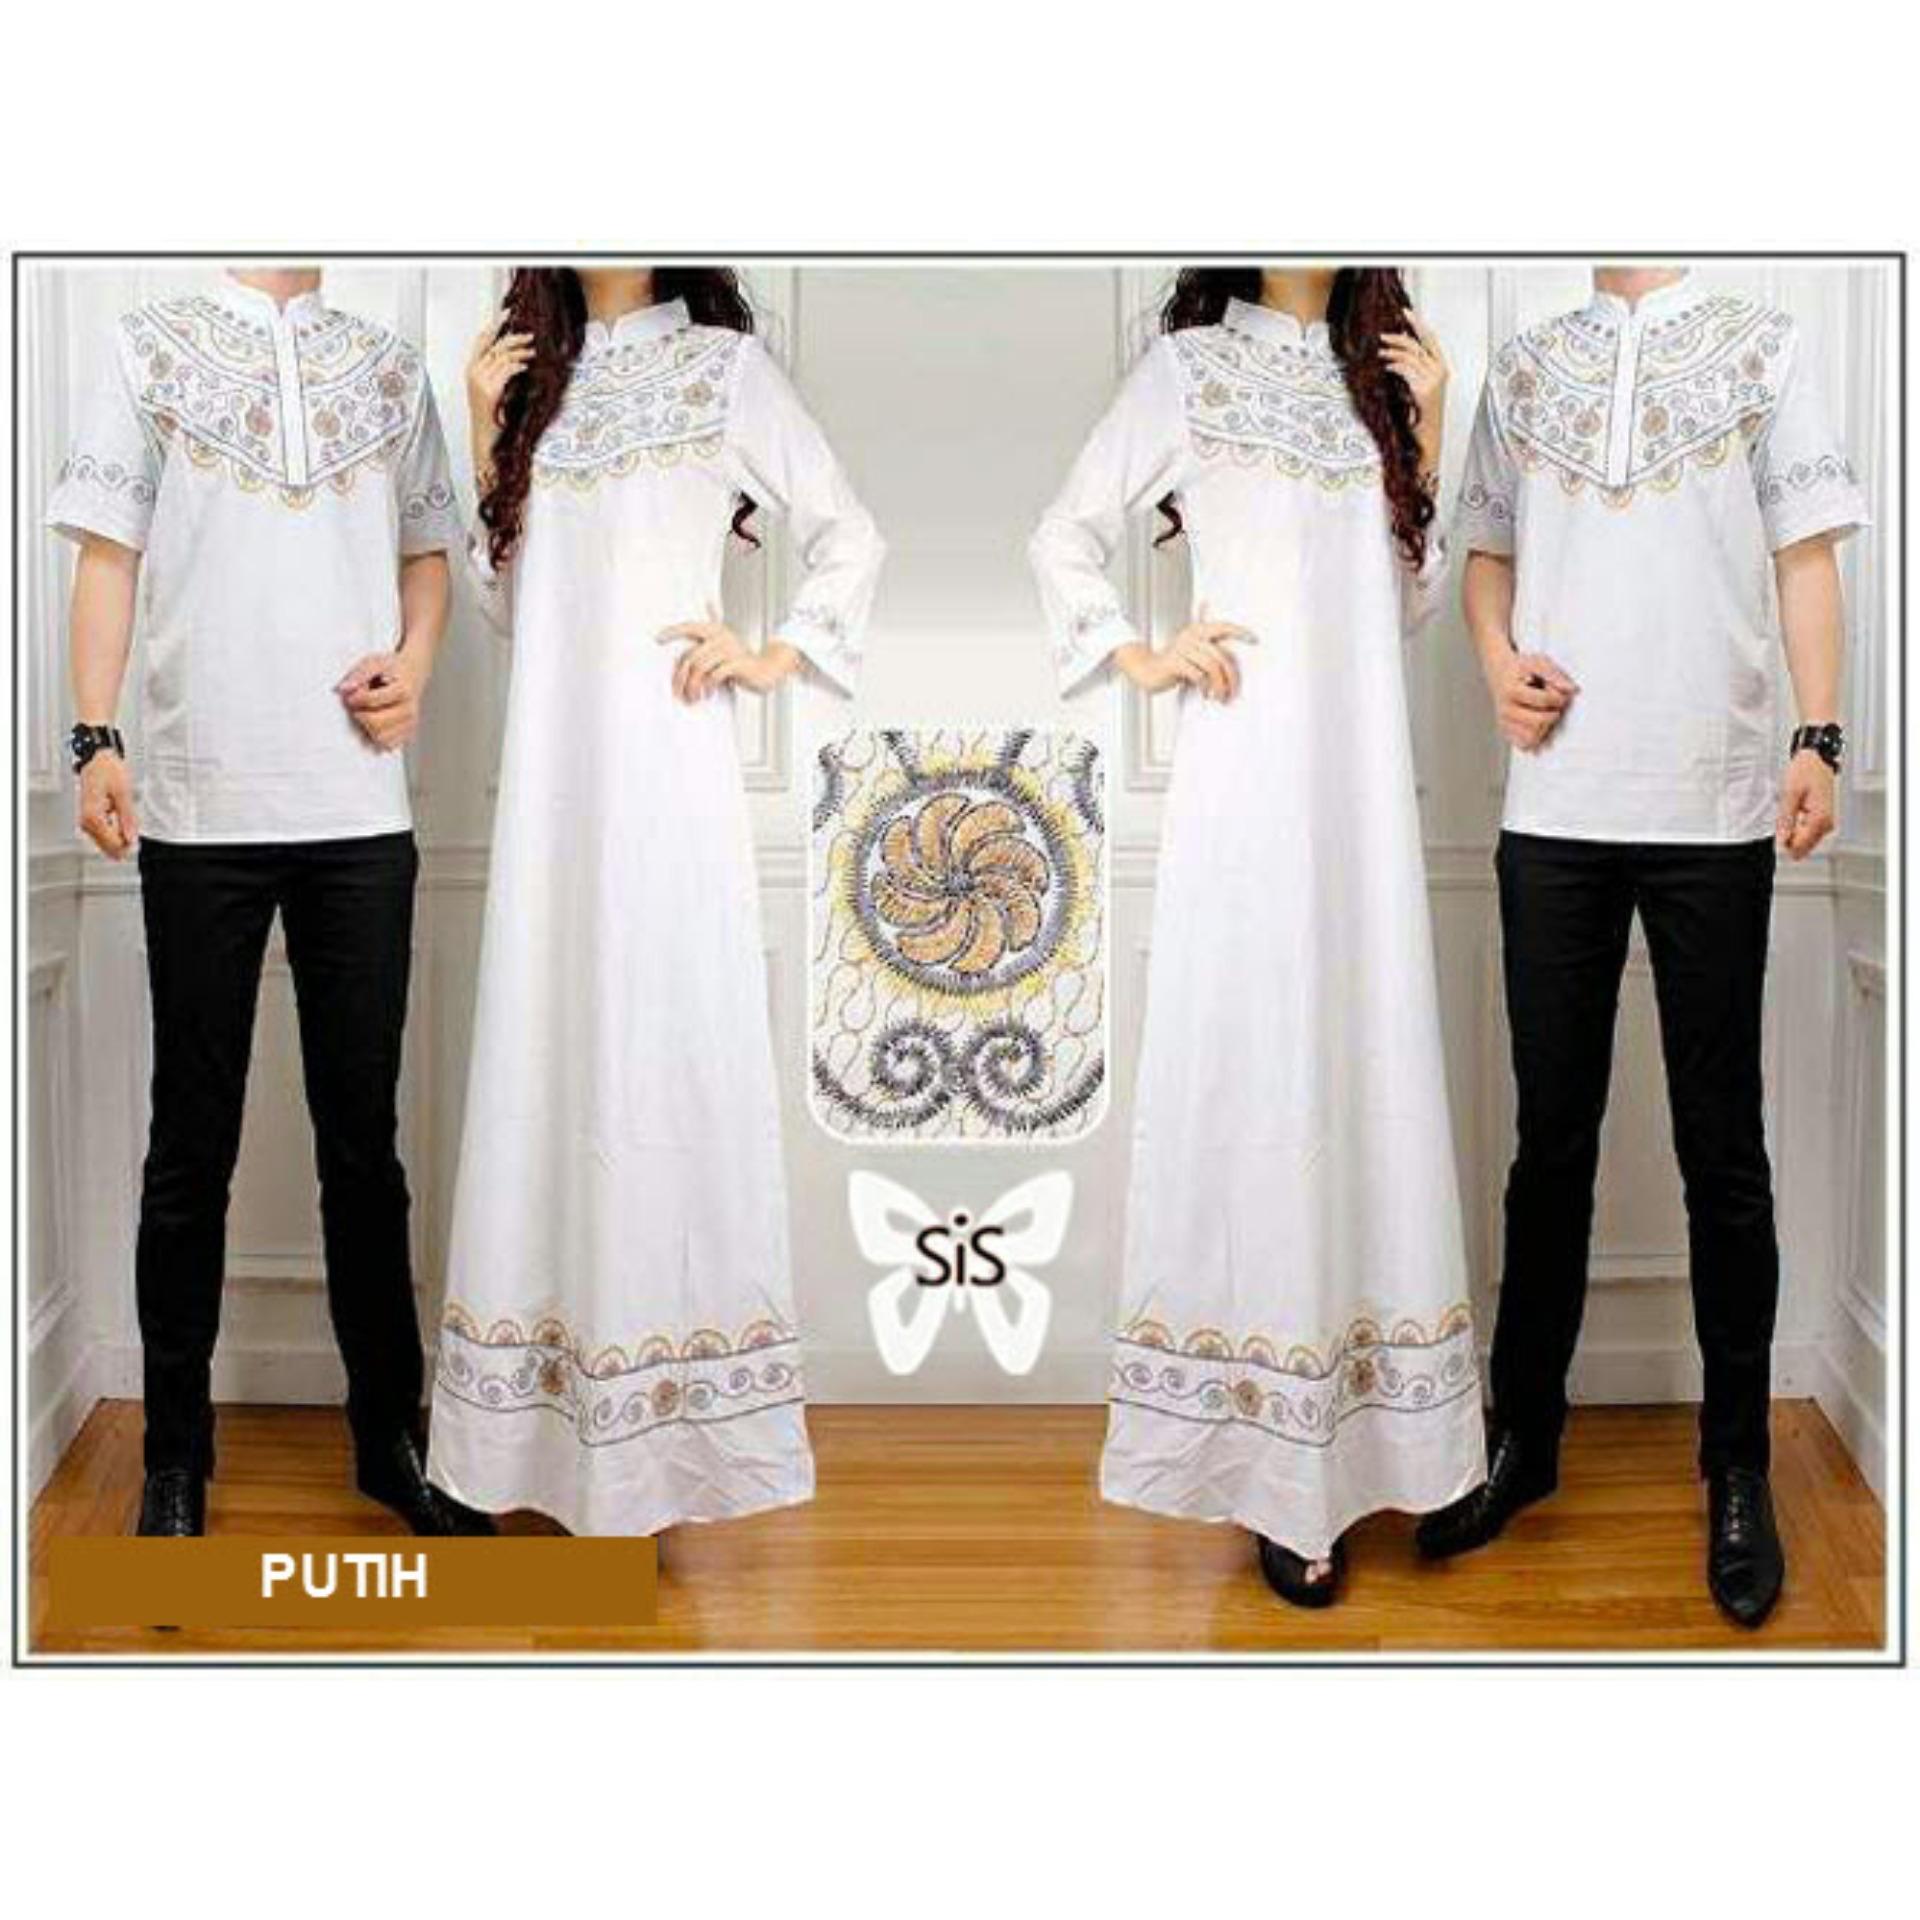 Sera Outfit Baju Muslim Couple MSR083 / Sarimbit / Batik Pasangan / Sepasang Busana Syar'i / Kemeja Koko Pria Gaun Muslimah Gamis Syari Wanita / Srelegant